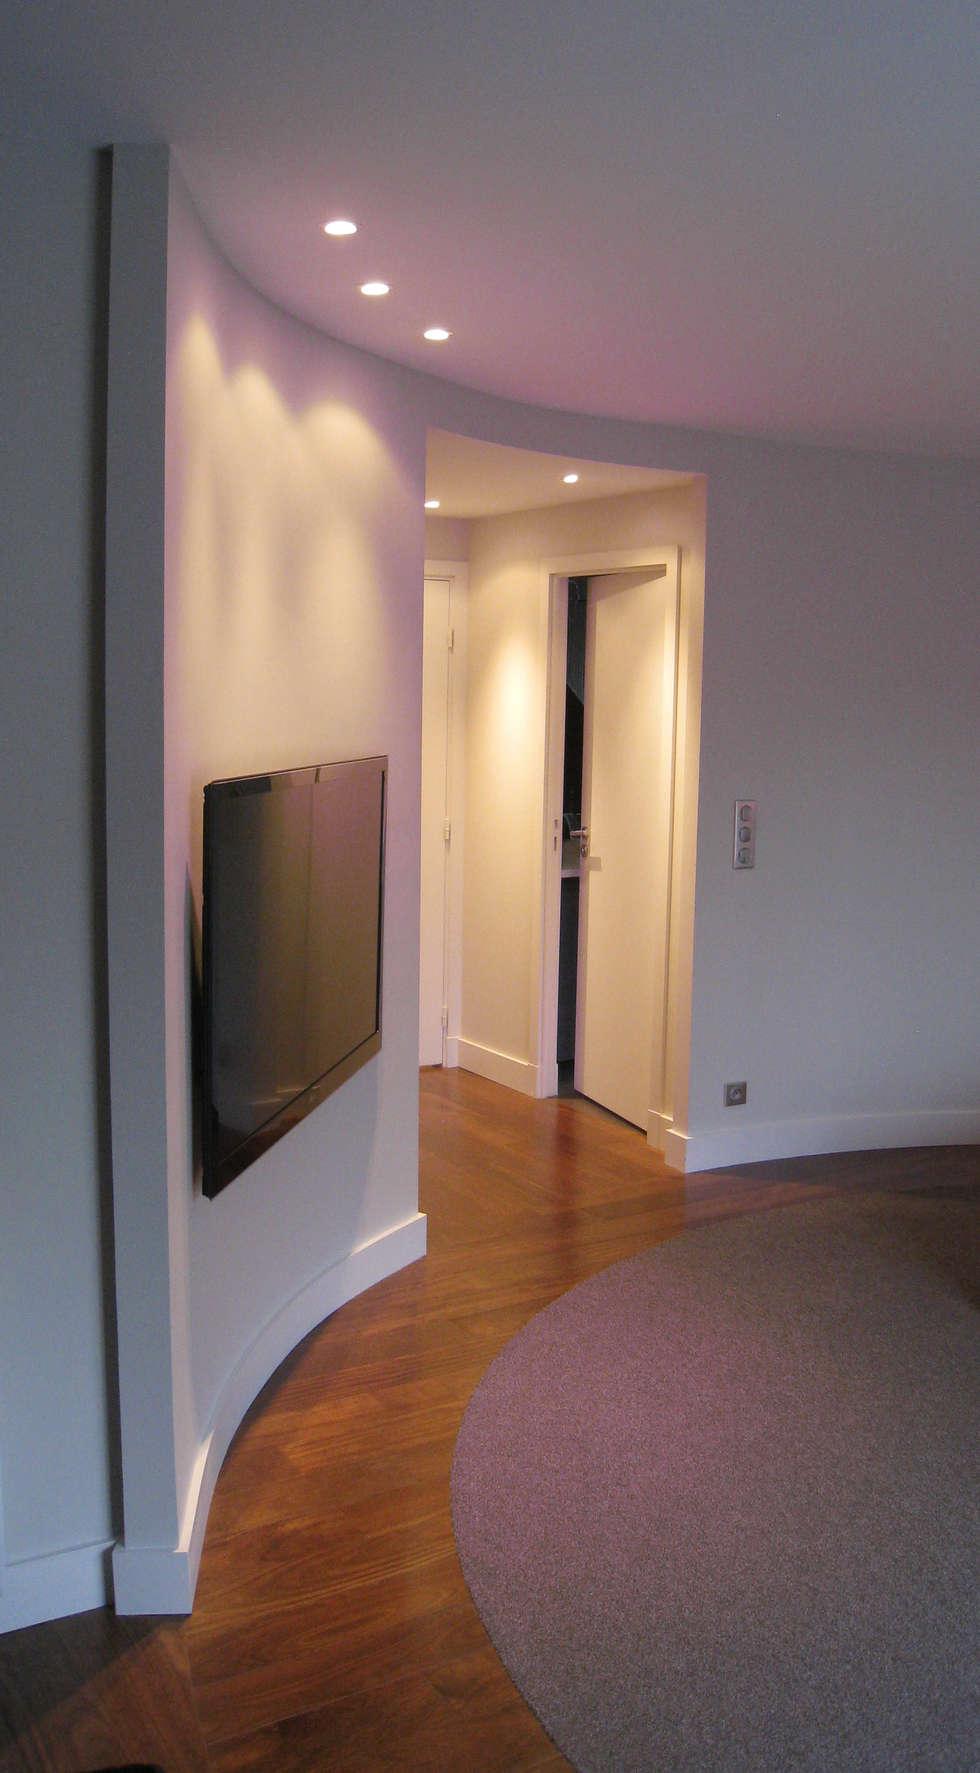 Cloison cintrée en chambre: Maisons de style  par Philippe Ponceblanc Architecte d'intérieur